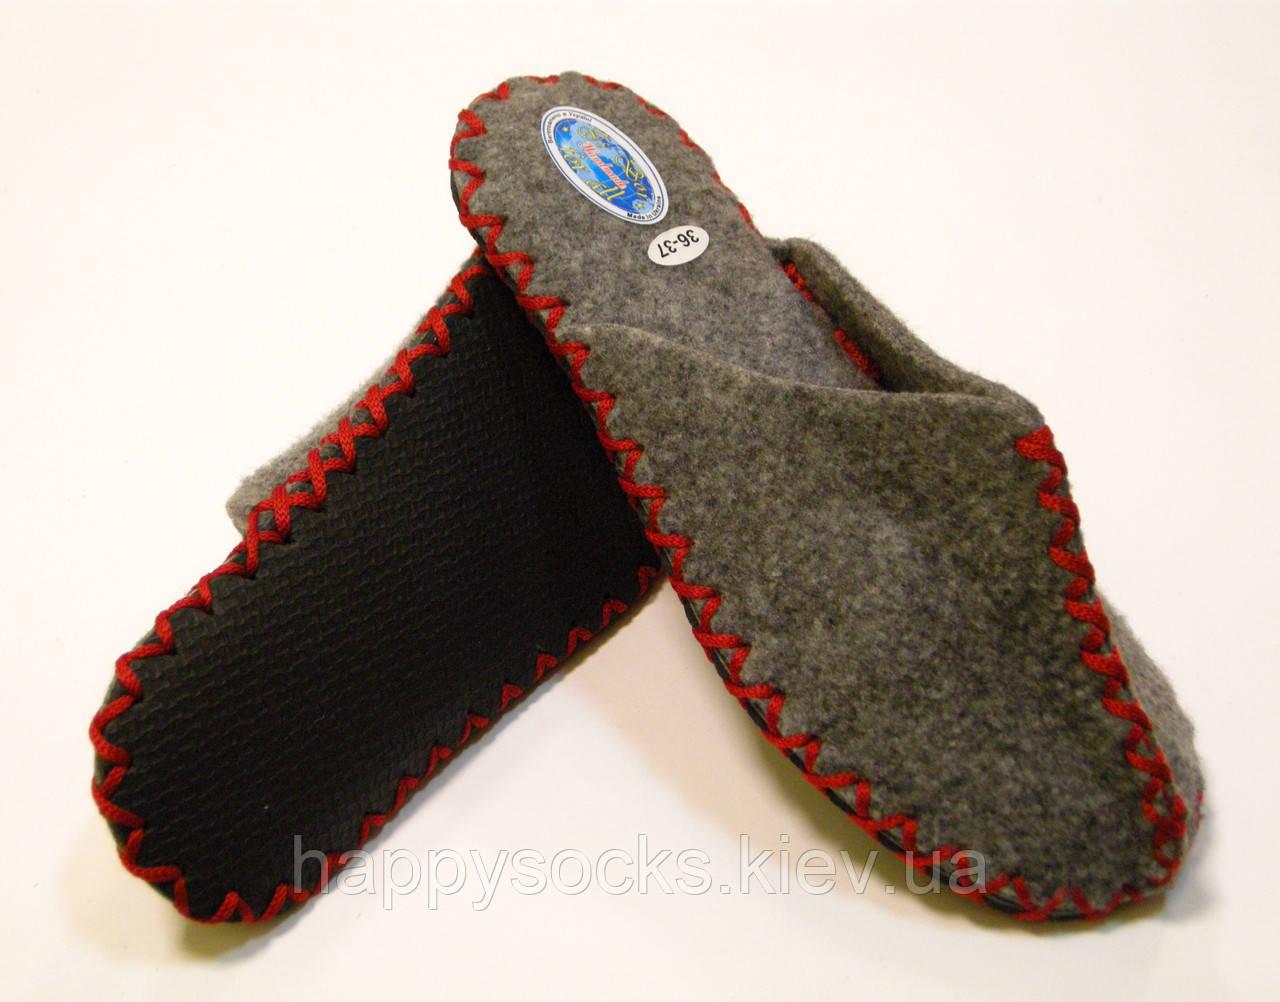 Ексклюзивні жіночі домашні капці з повсті з червоним шнурком